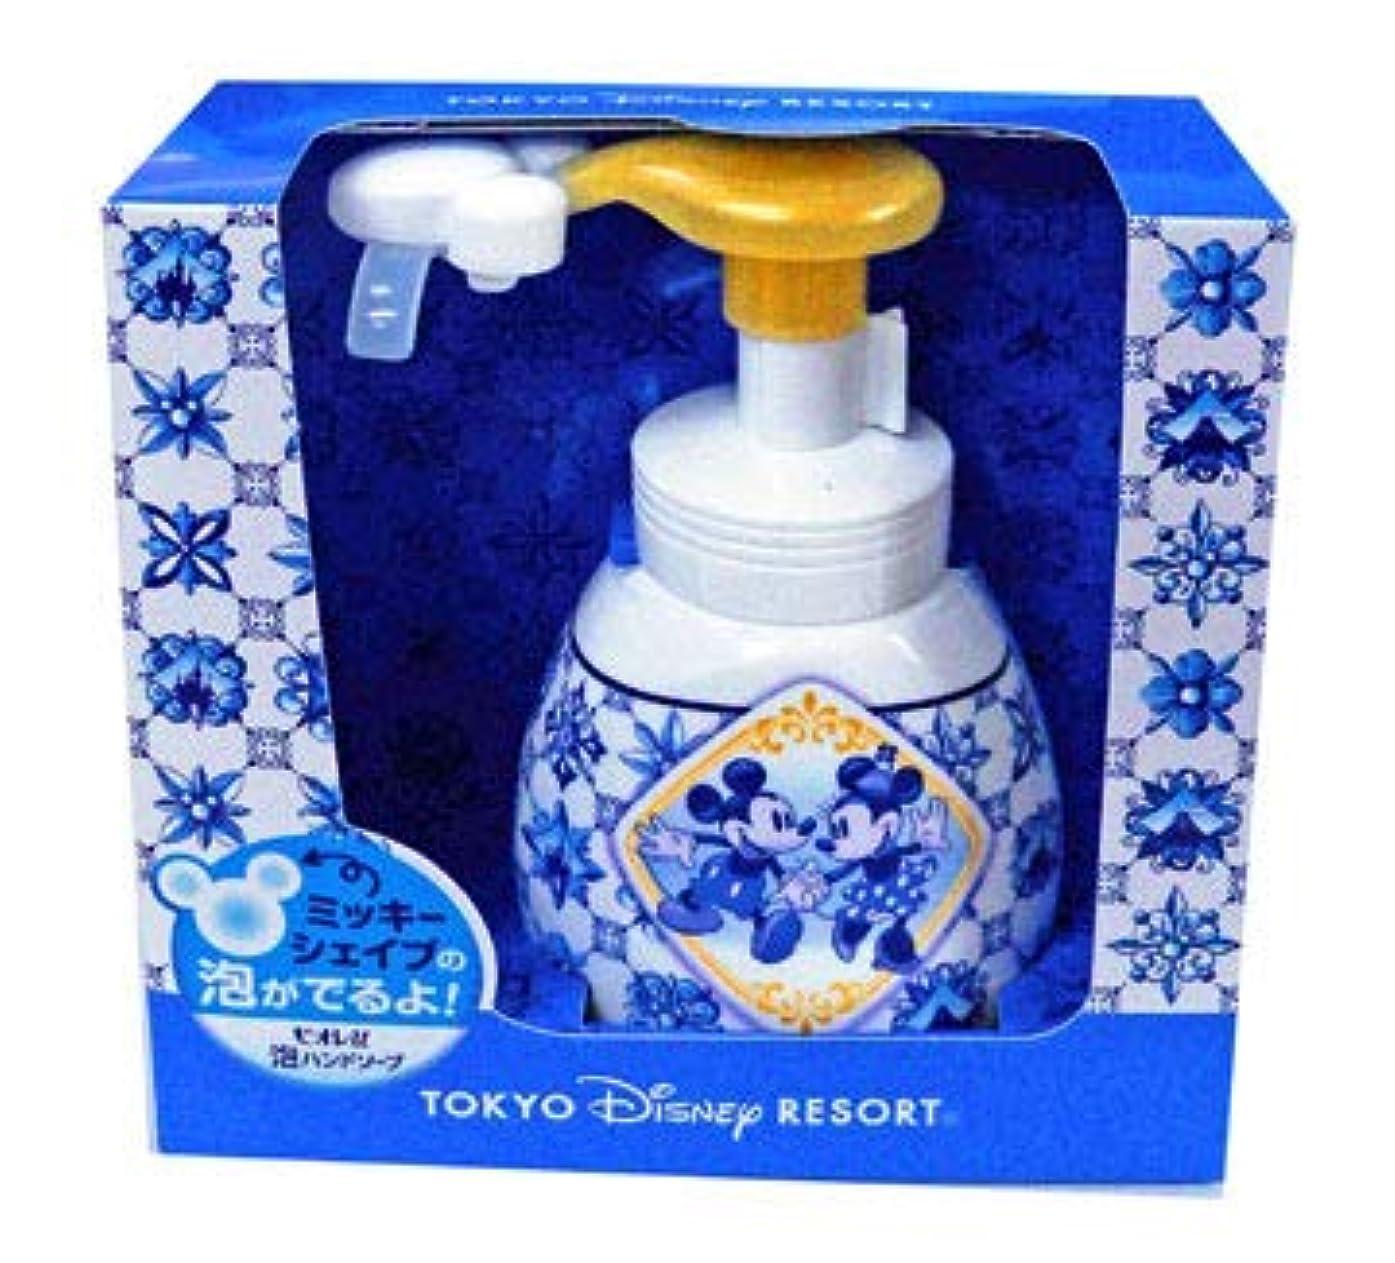 しみ移動セーブ泡ハンドソープ(新デザイン) 東京ディズニーリゾート ミッキーとミニー柄  おみやげ